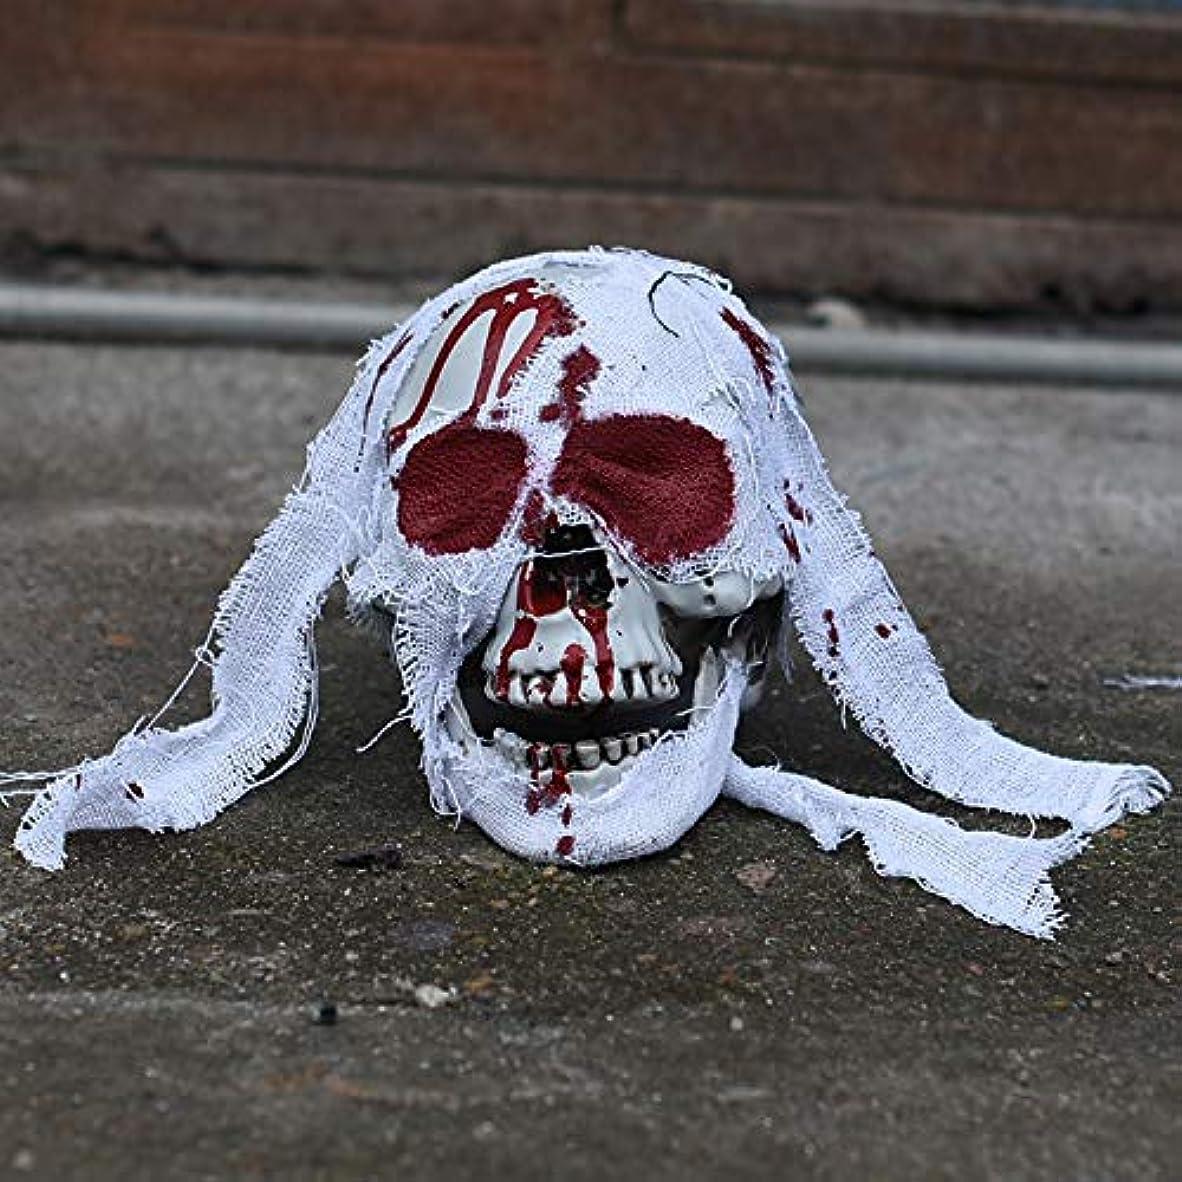 回る歩行者カーフETRRUU HOME ホラーハロウィン小道具バーお化け屋敷シークレットルームブラッディヘッド装飾コスプレ装飾